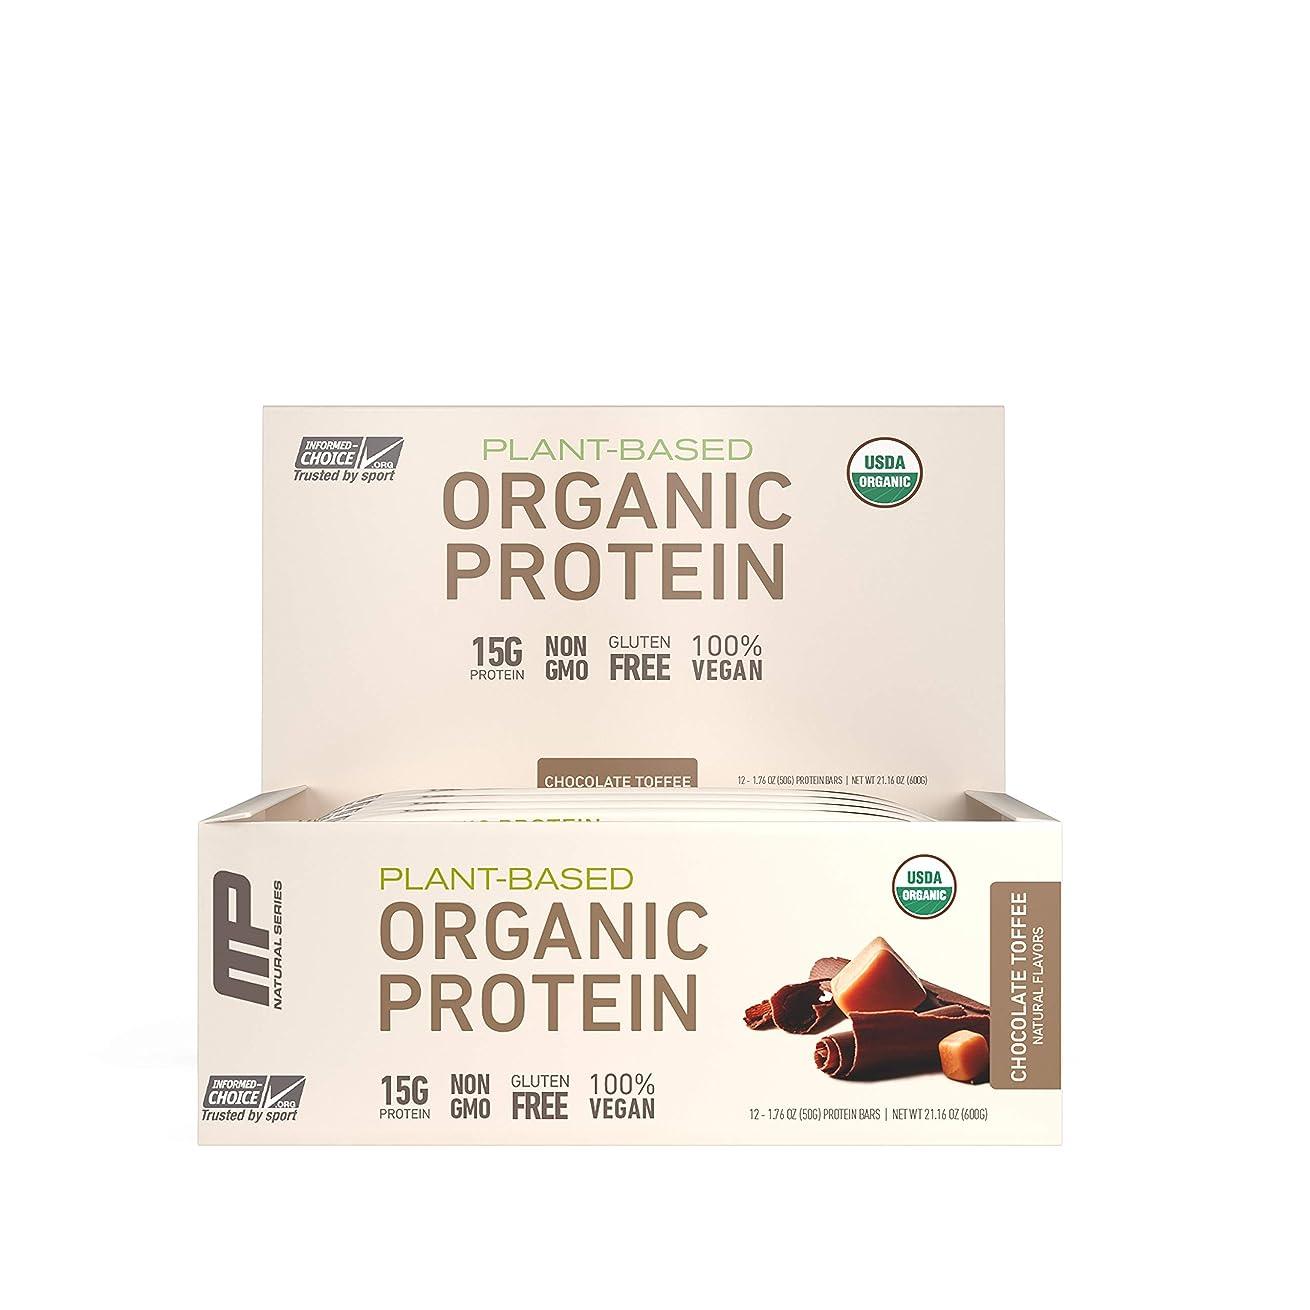 突き刺す容器ベッツィトロットウッドMusclePharm Natural オーガニック?プロテインバー(チョコレート?トフィー12本) (600 g) 海外直送品